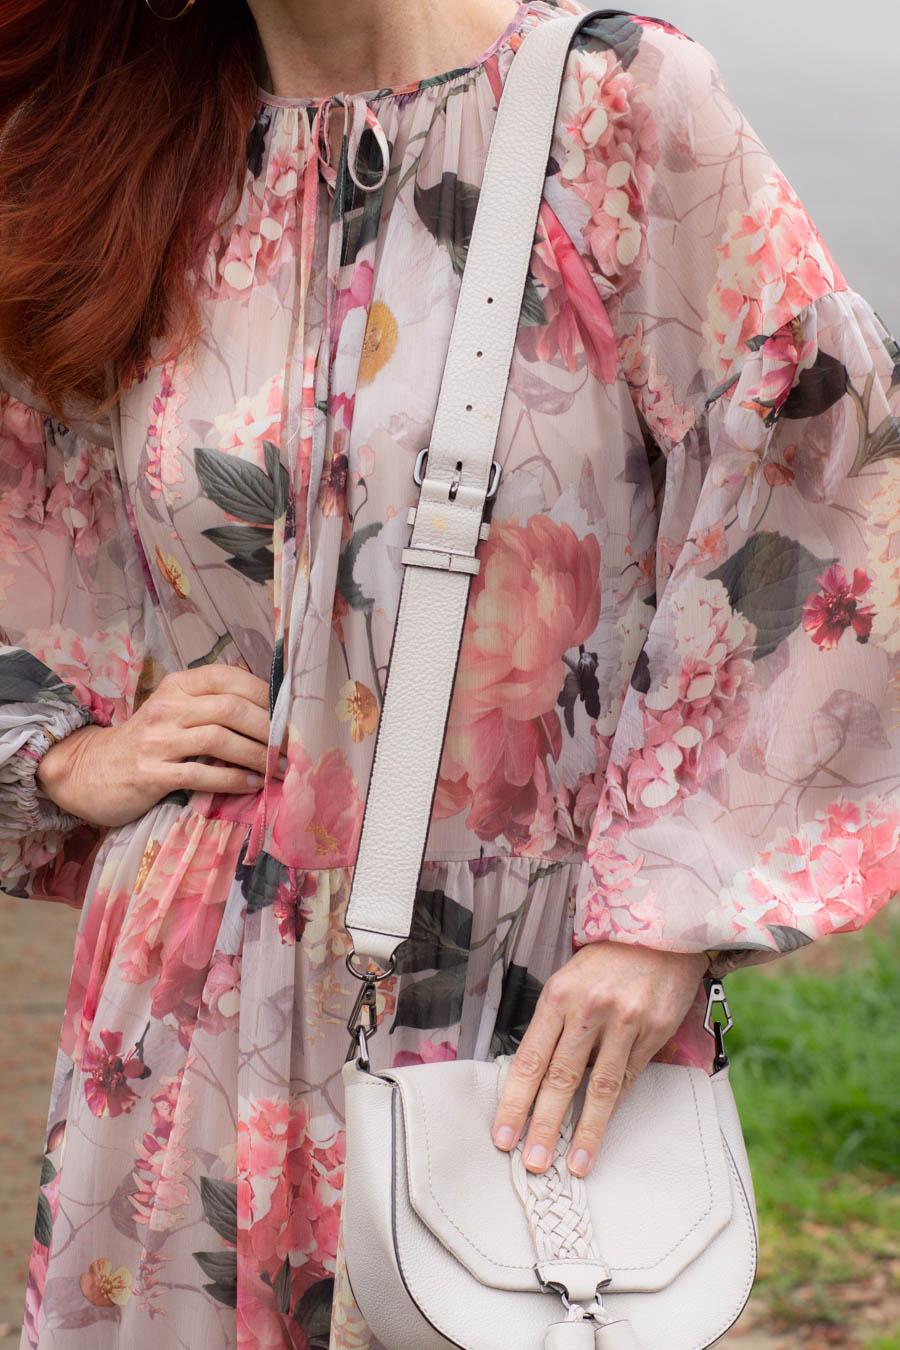 Pink midi dress with saddle bag